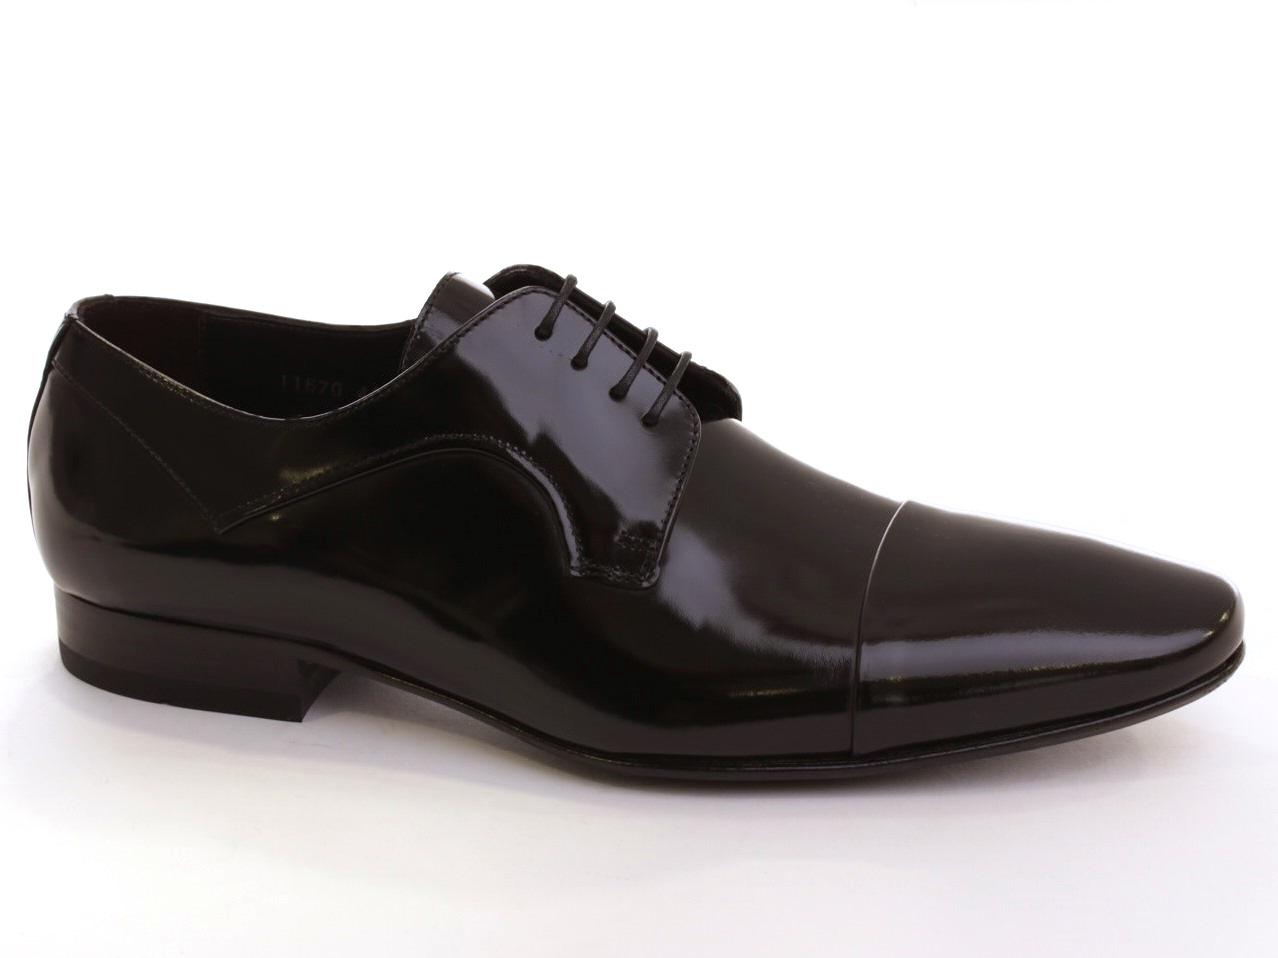 Lace Shoes Gino Bianchi - 405 11670